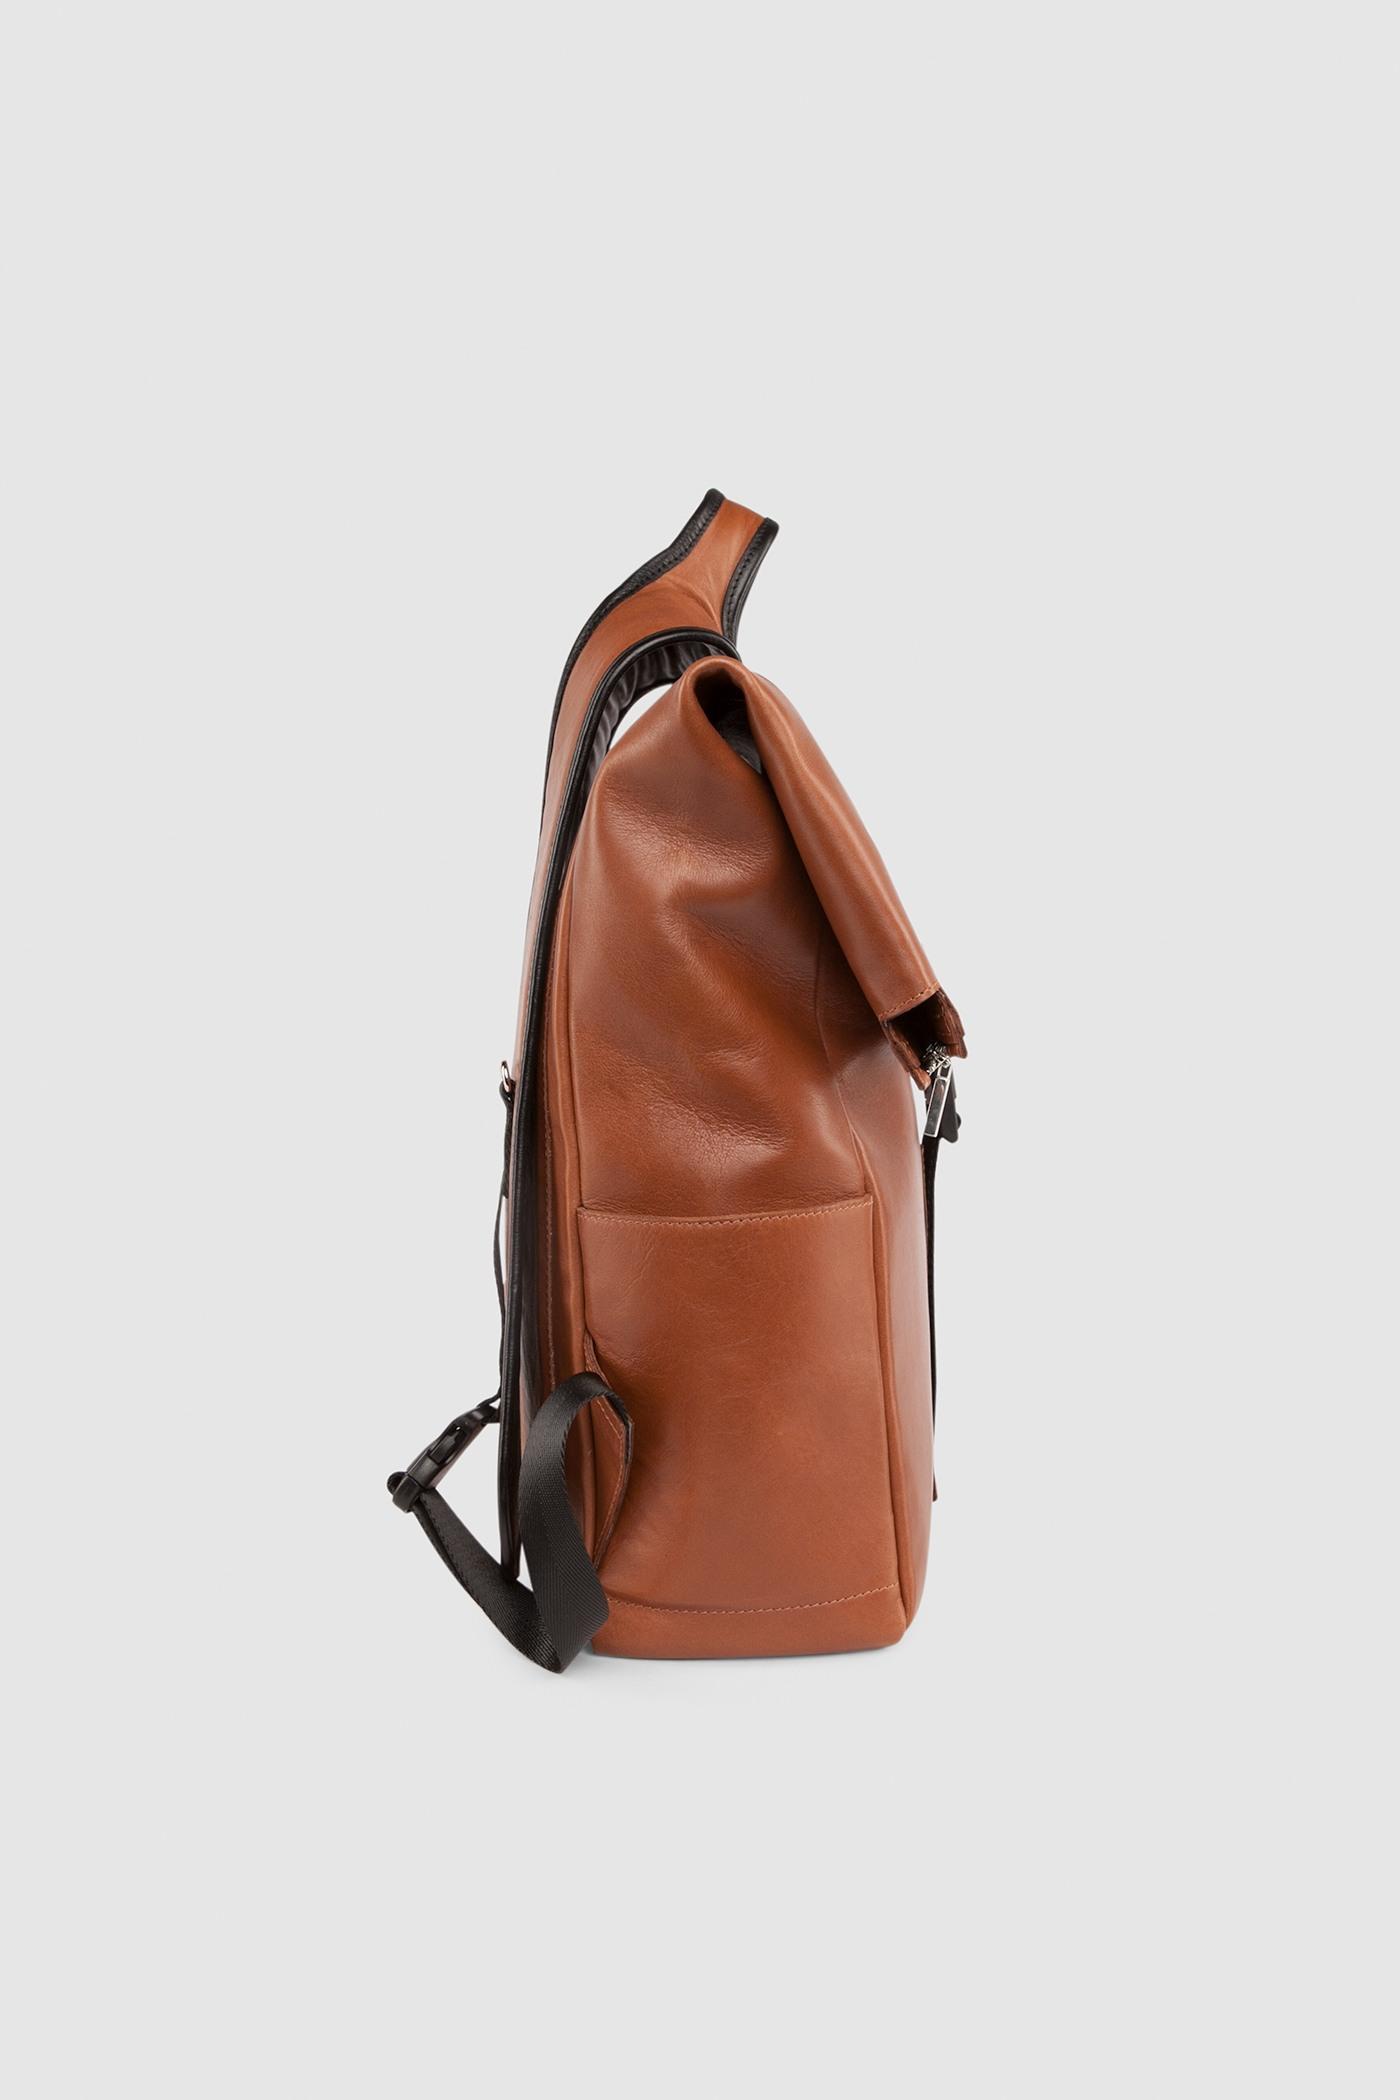 Мужской рюкзакБольшой мужской рюкзак из высококачественной кожи с дублированной задней стенкой. Внутреннее отделение на подкладке с молнией у основании рюкзака, также имеет дополнительный клапан для ноутбука. Спереди под крышкой имеется небольшой карман на молнии для документов/ключей. Широкая мягкая лямка с замком умная фурнитура.&#13;<br>&#13;<br>&#13;<br>держит форму&#13;<br>&#13;<br>боковые открытые карманы, помещается бутылка воды/пиво/вино&#13;<br>&#13;<br>защита нижних кантов от износа двойным дном&#13;<br>&#13;<br>тканная подкладка&#13;<br>&#13;<br>помещается виниловые пластинки, Mak 11/13/15, Mak Pro 15&#13;<br>&#13;<br>прилагается чехол для хранения&#13;<br>&#13;<br>&#13;<br>Высота: 42 см (в свернутом виде) 57 см (вместе с горлом)&#13;<br>Длина: 27 см&#13;<br>Глубина: 11,5 см&#13;<br>Высота ремешка: max 93 - min 69 см&#13;<br>Длина ручки: 22 см<br><br>Цвет: Терракот